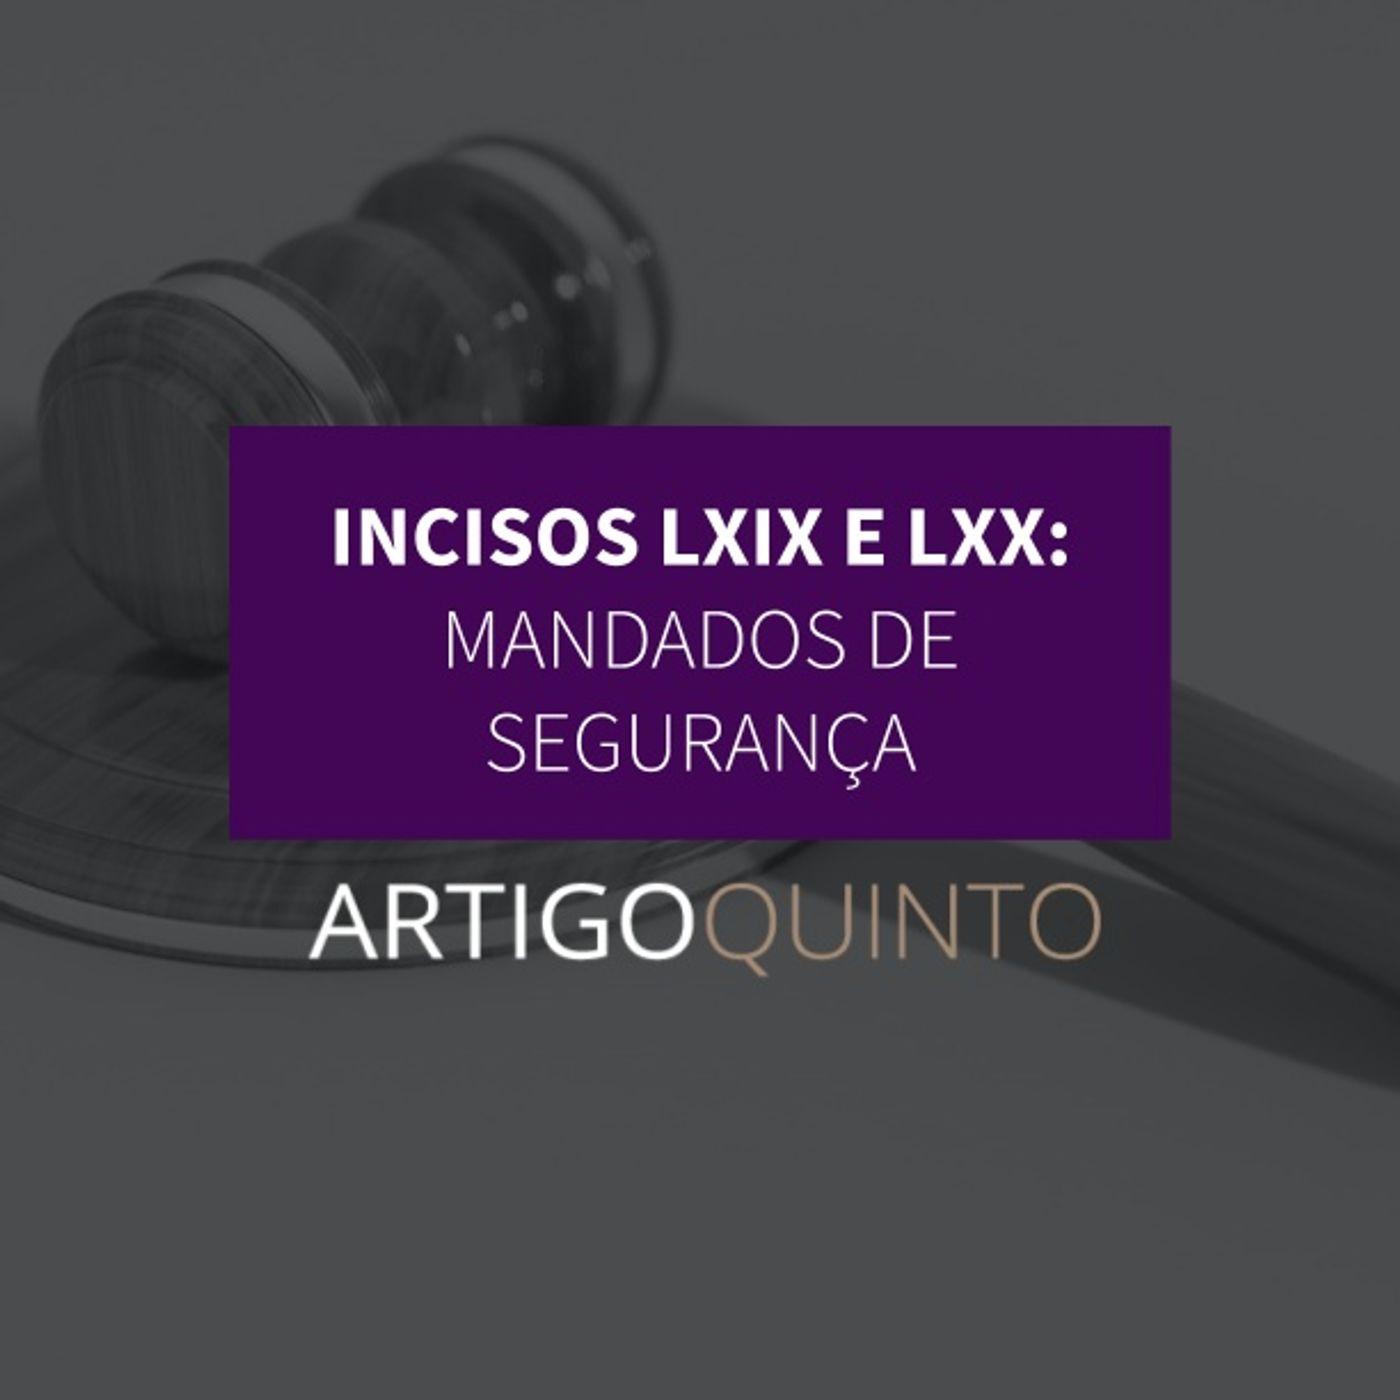 Incisos LXIX e LXX - Mandado de segurança